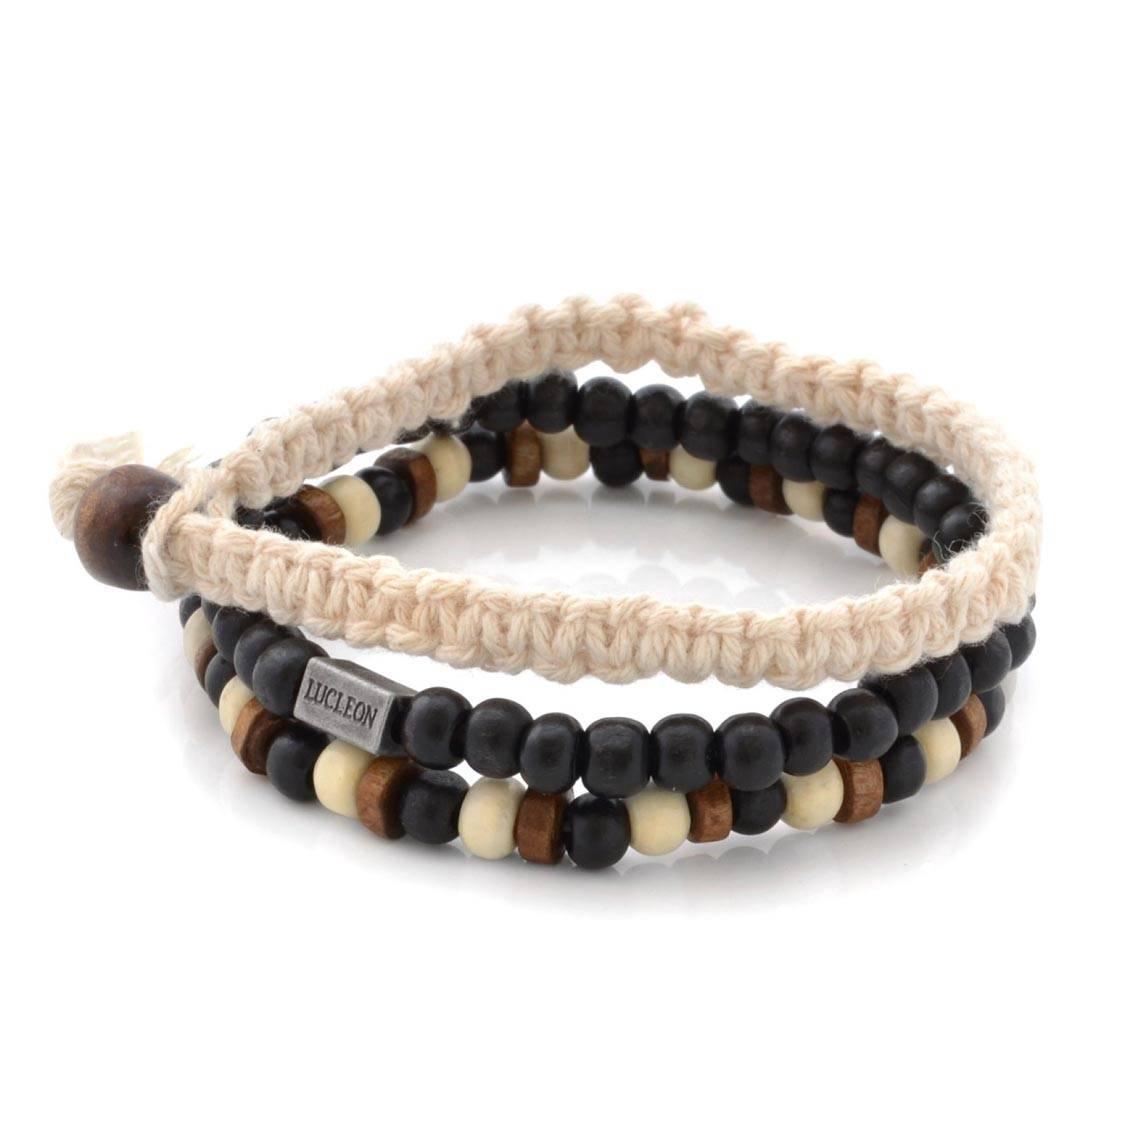 set-de-3-bracelets-lucleon-en-perles-noires-marron-et-beiges-et-coton-beige